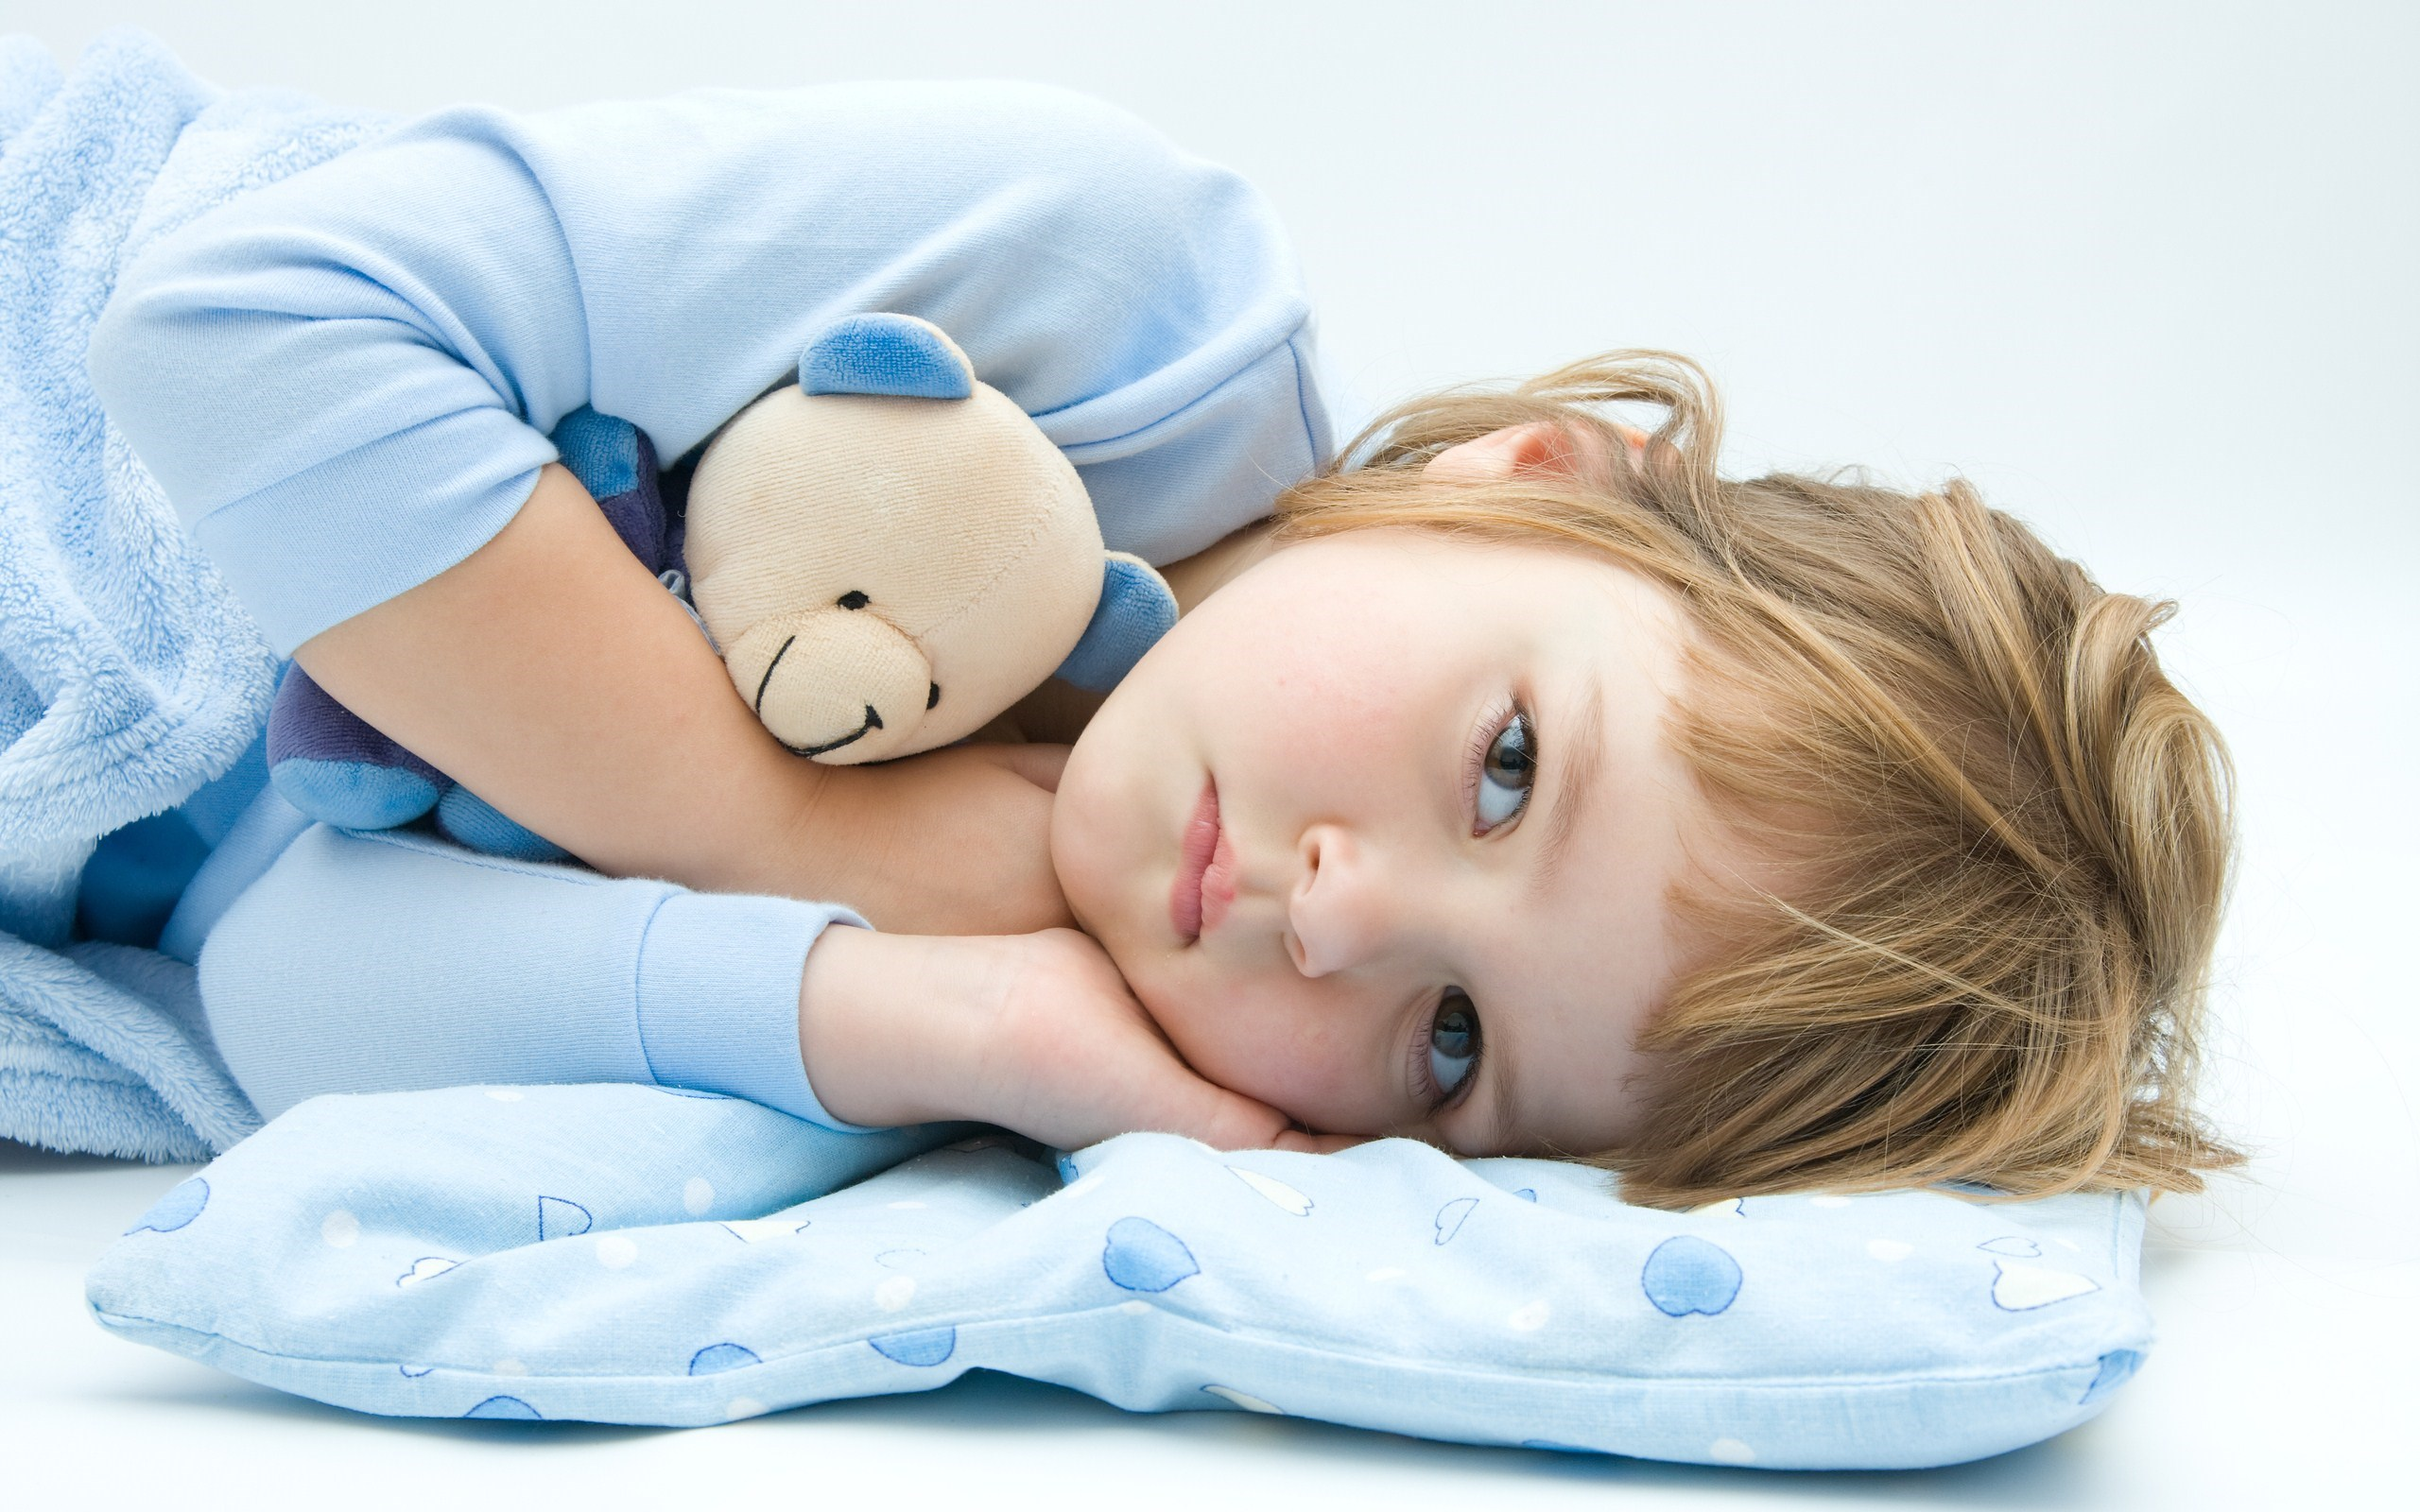 ارق الاطفال وقت النوم 5